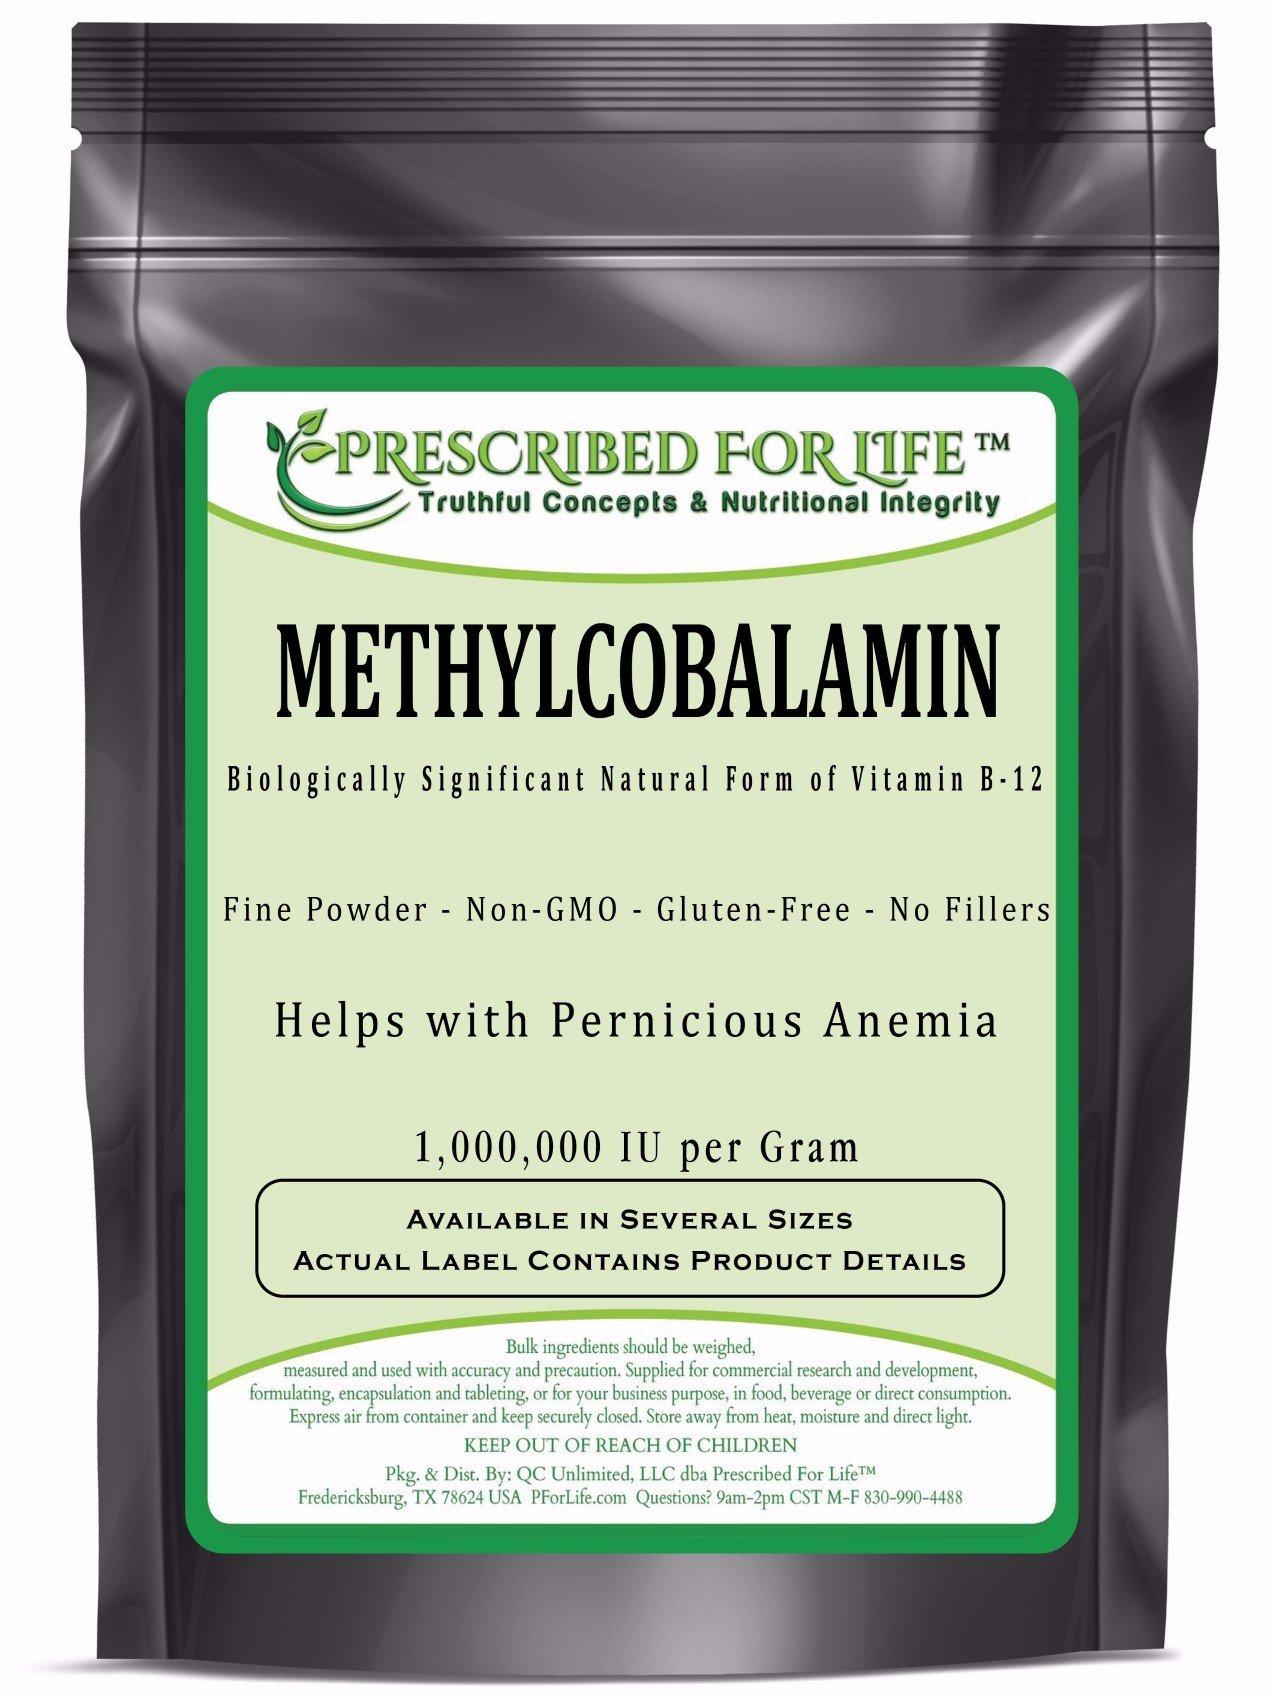 MethylCobalamin - Natural Vitamin B-12 Pure Powder (1,000,000 IU per Gram), 0.5 oz